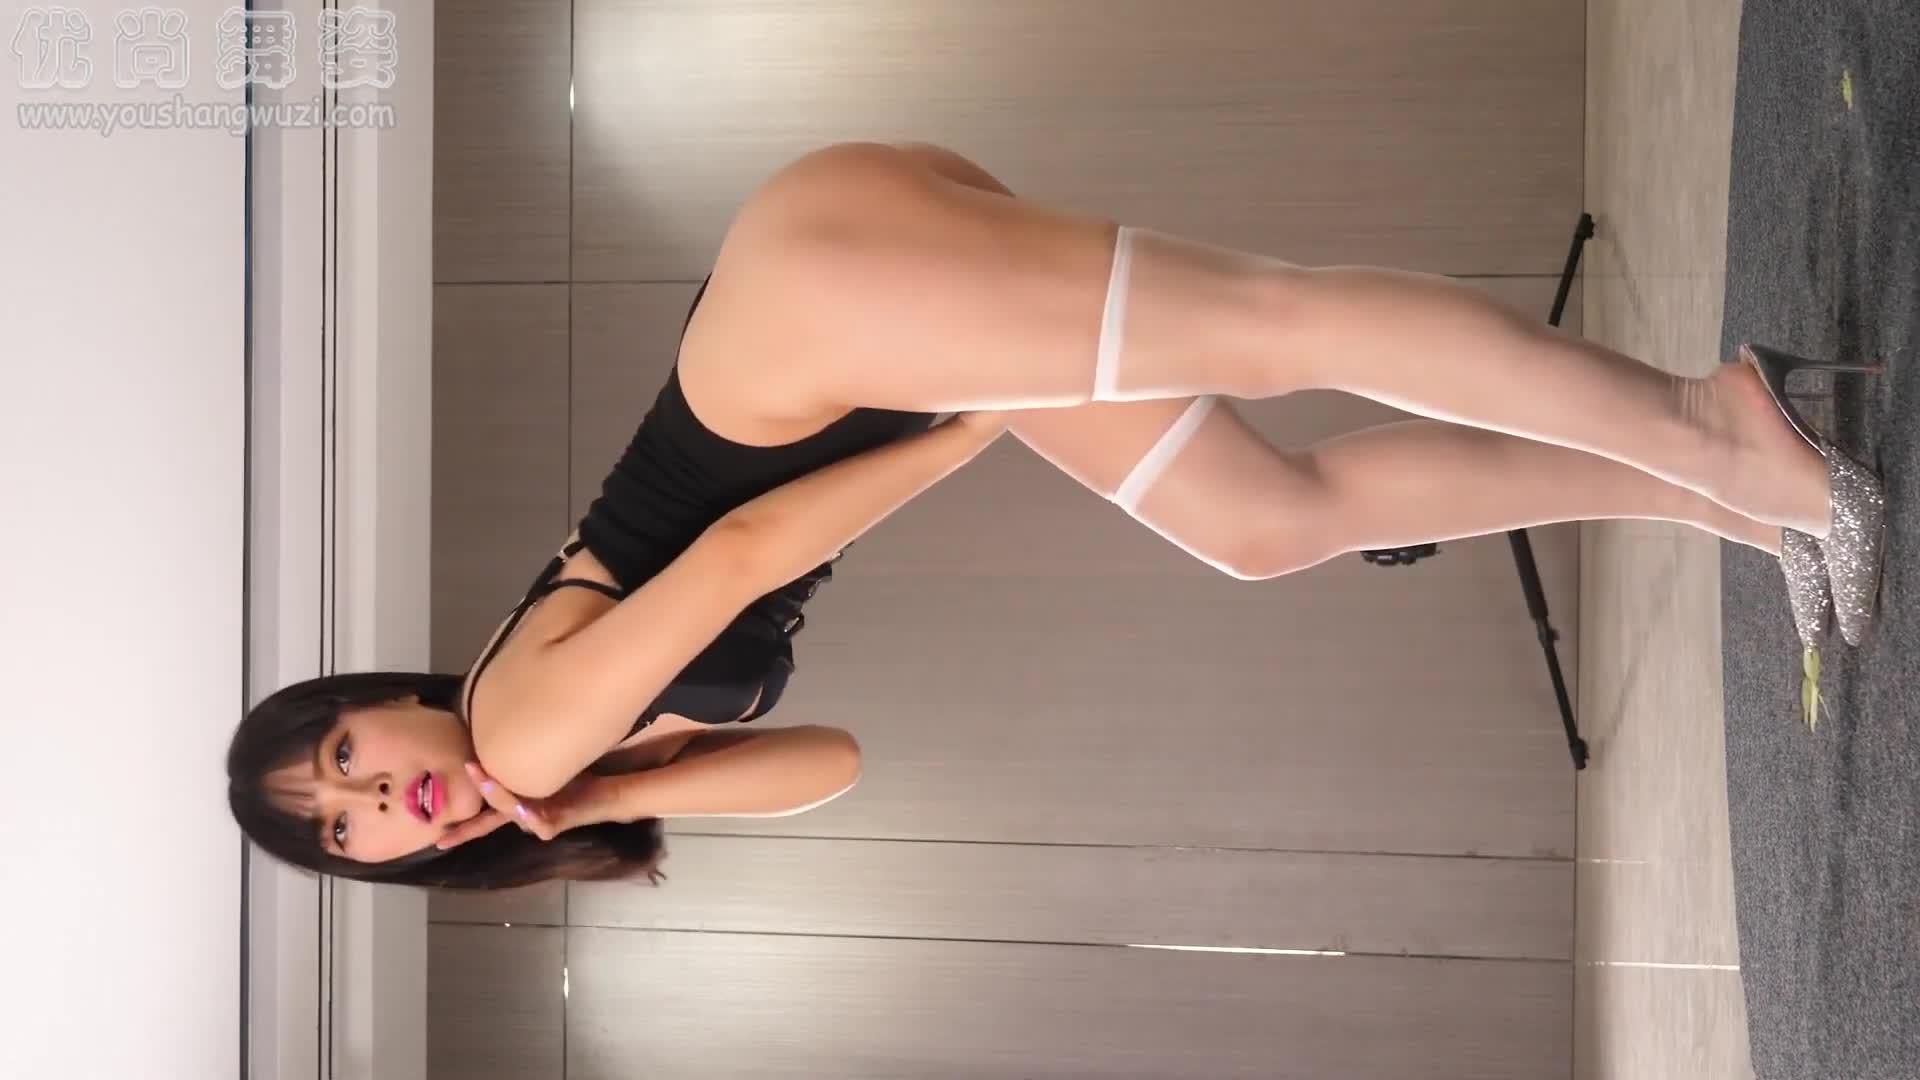 Sexy Dance 純純 白色長筒襪+黑色連體衣 精彩熱舞賞析